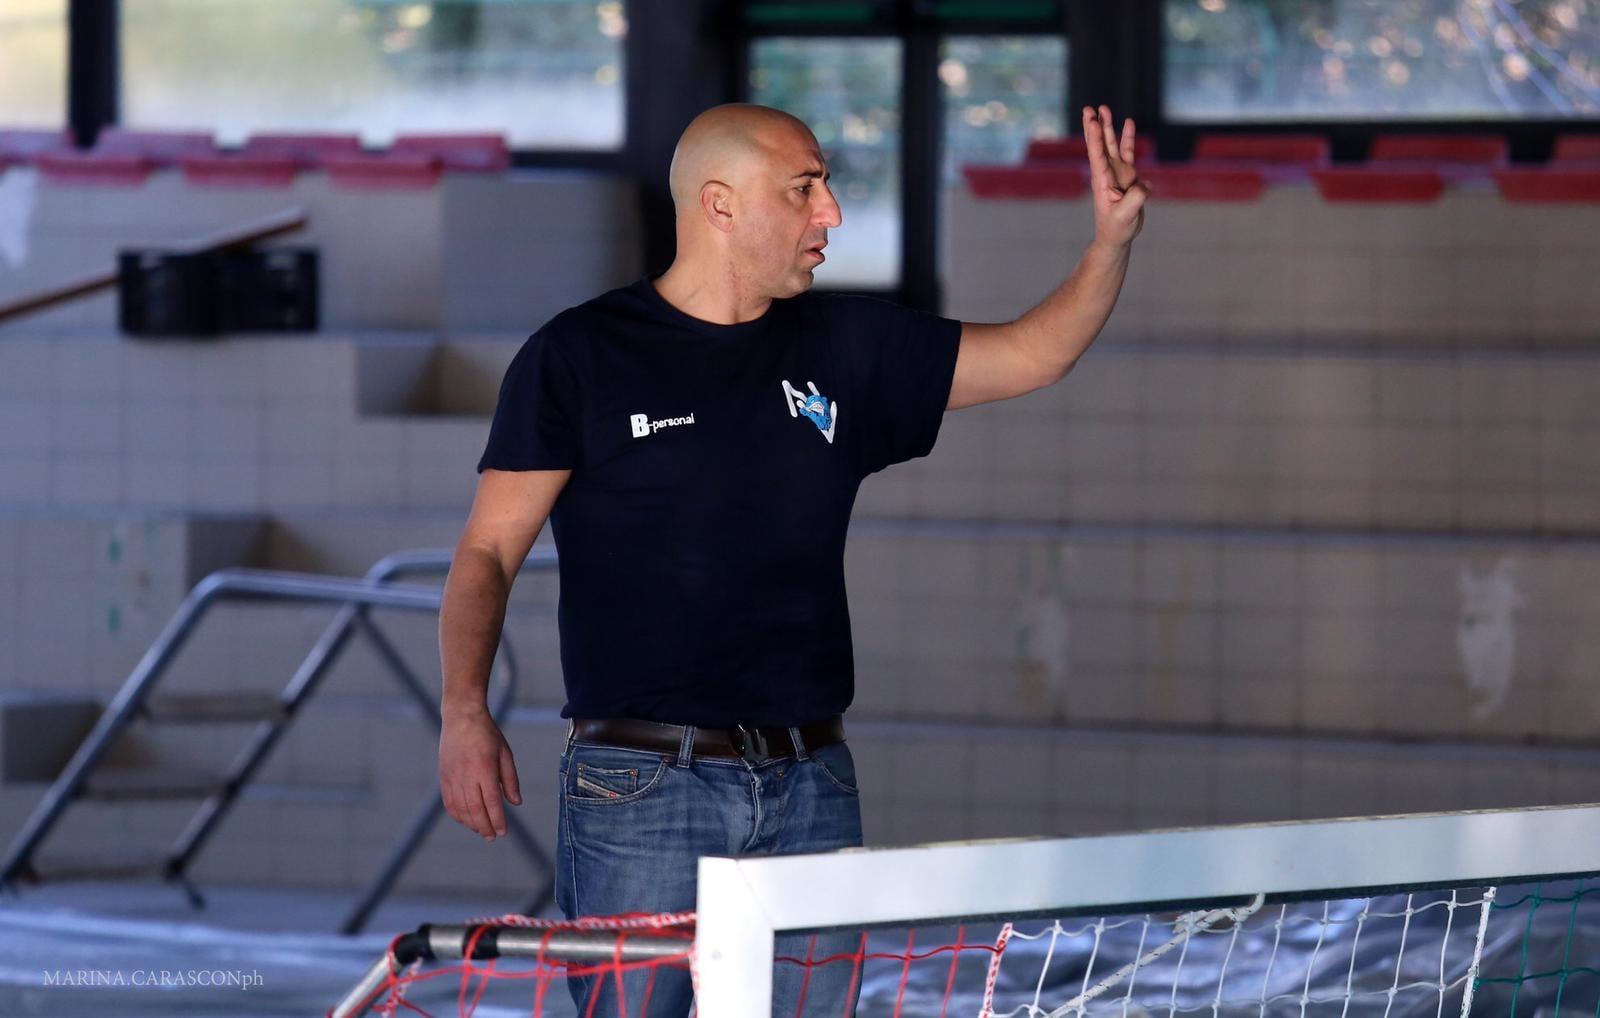 Pallanuoto, la Nantes Vomero annuncia nuovi acquisti nella squadra